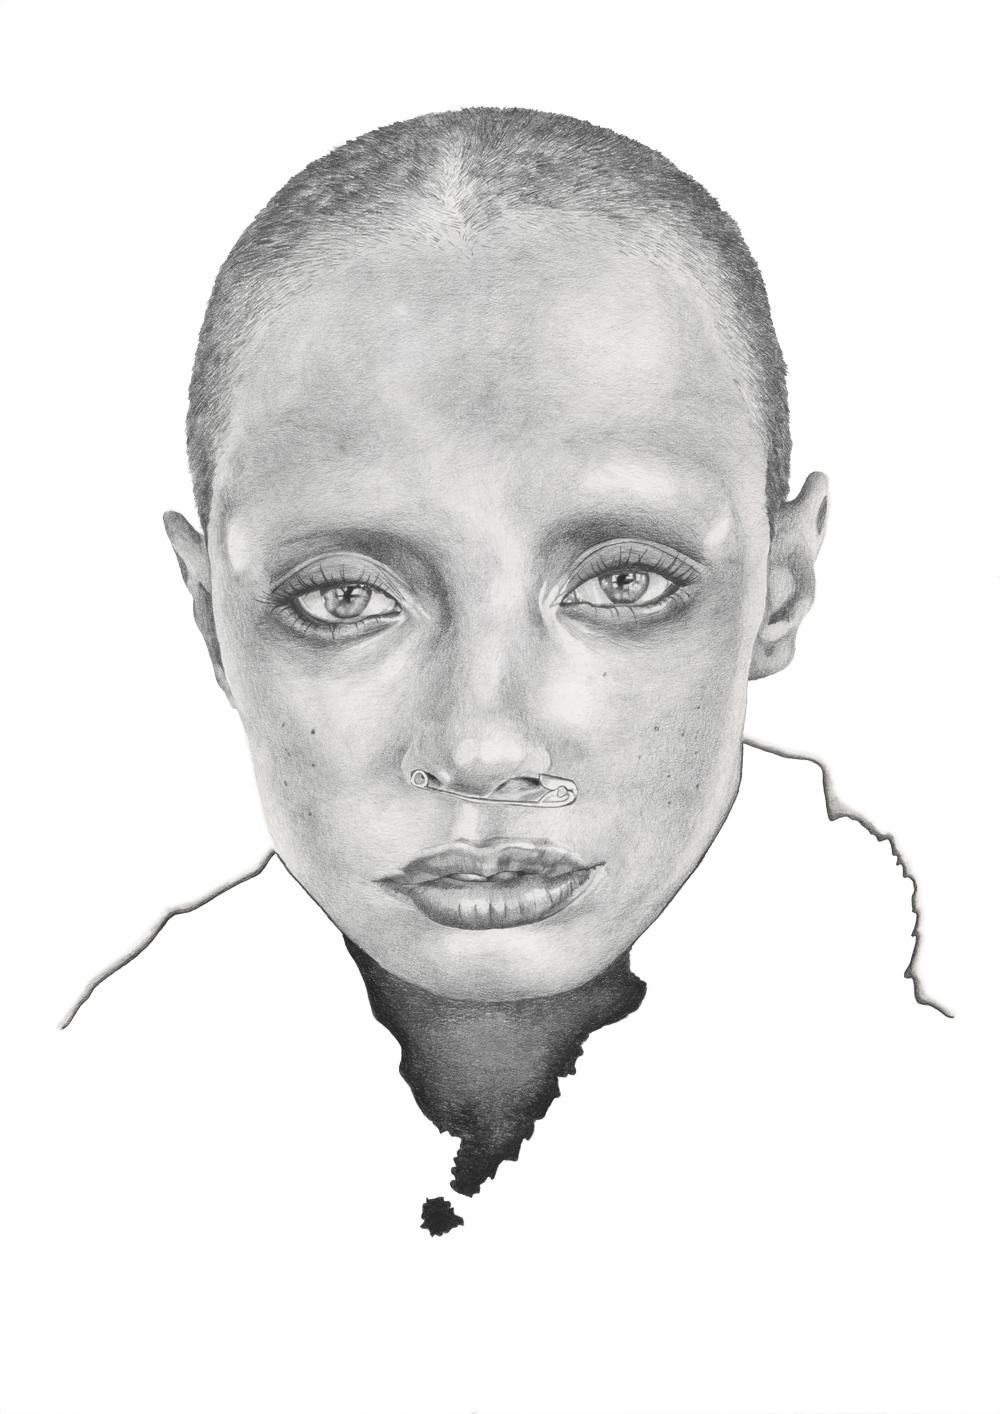 Graphite pencil portrait illustration by Alison Sargent